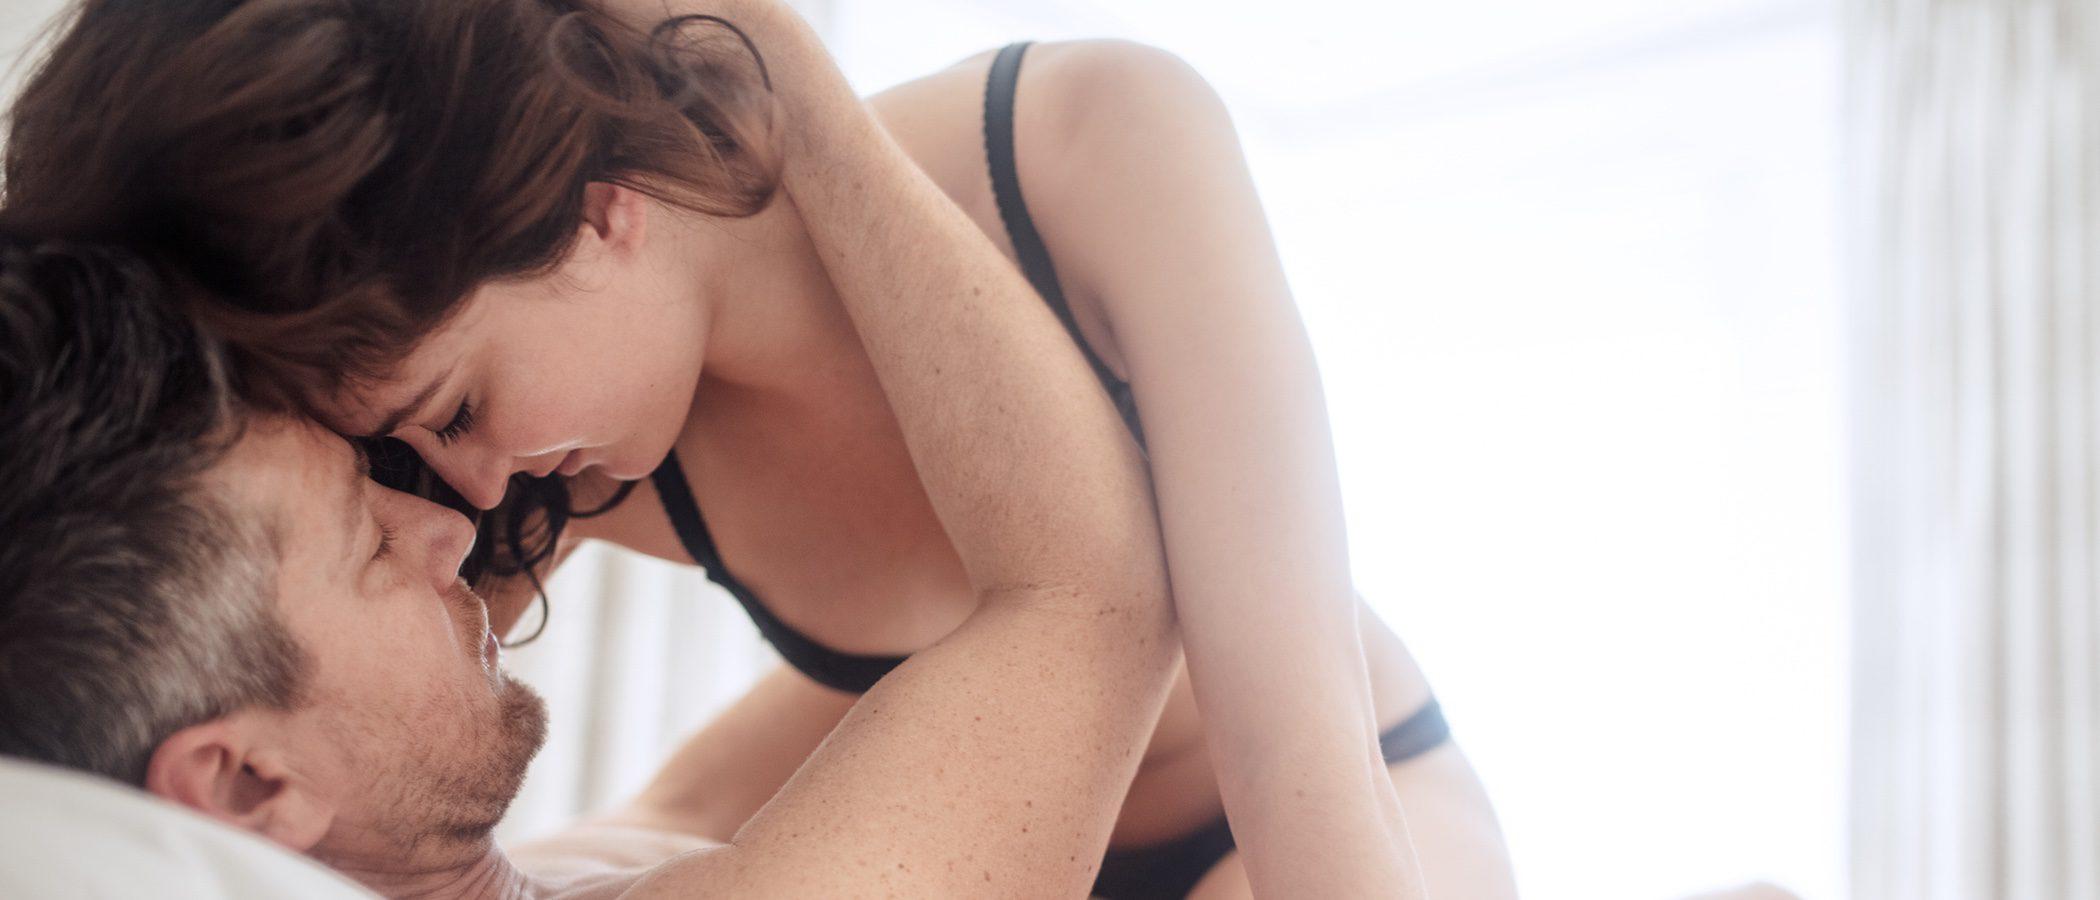 Horóscopo sexual diciembre 2017: Virgo